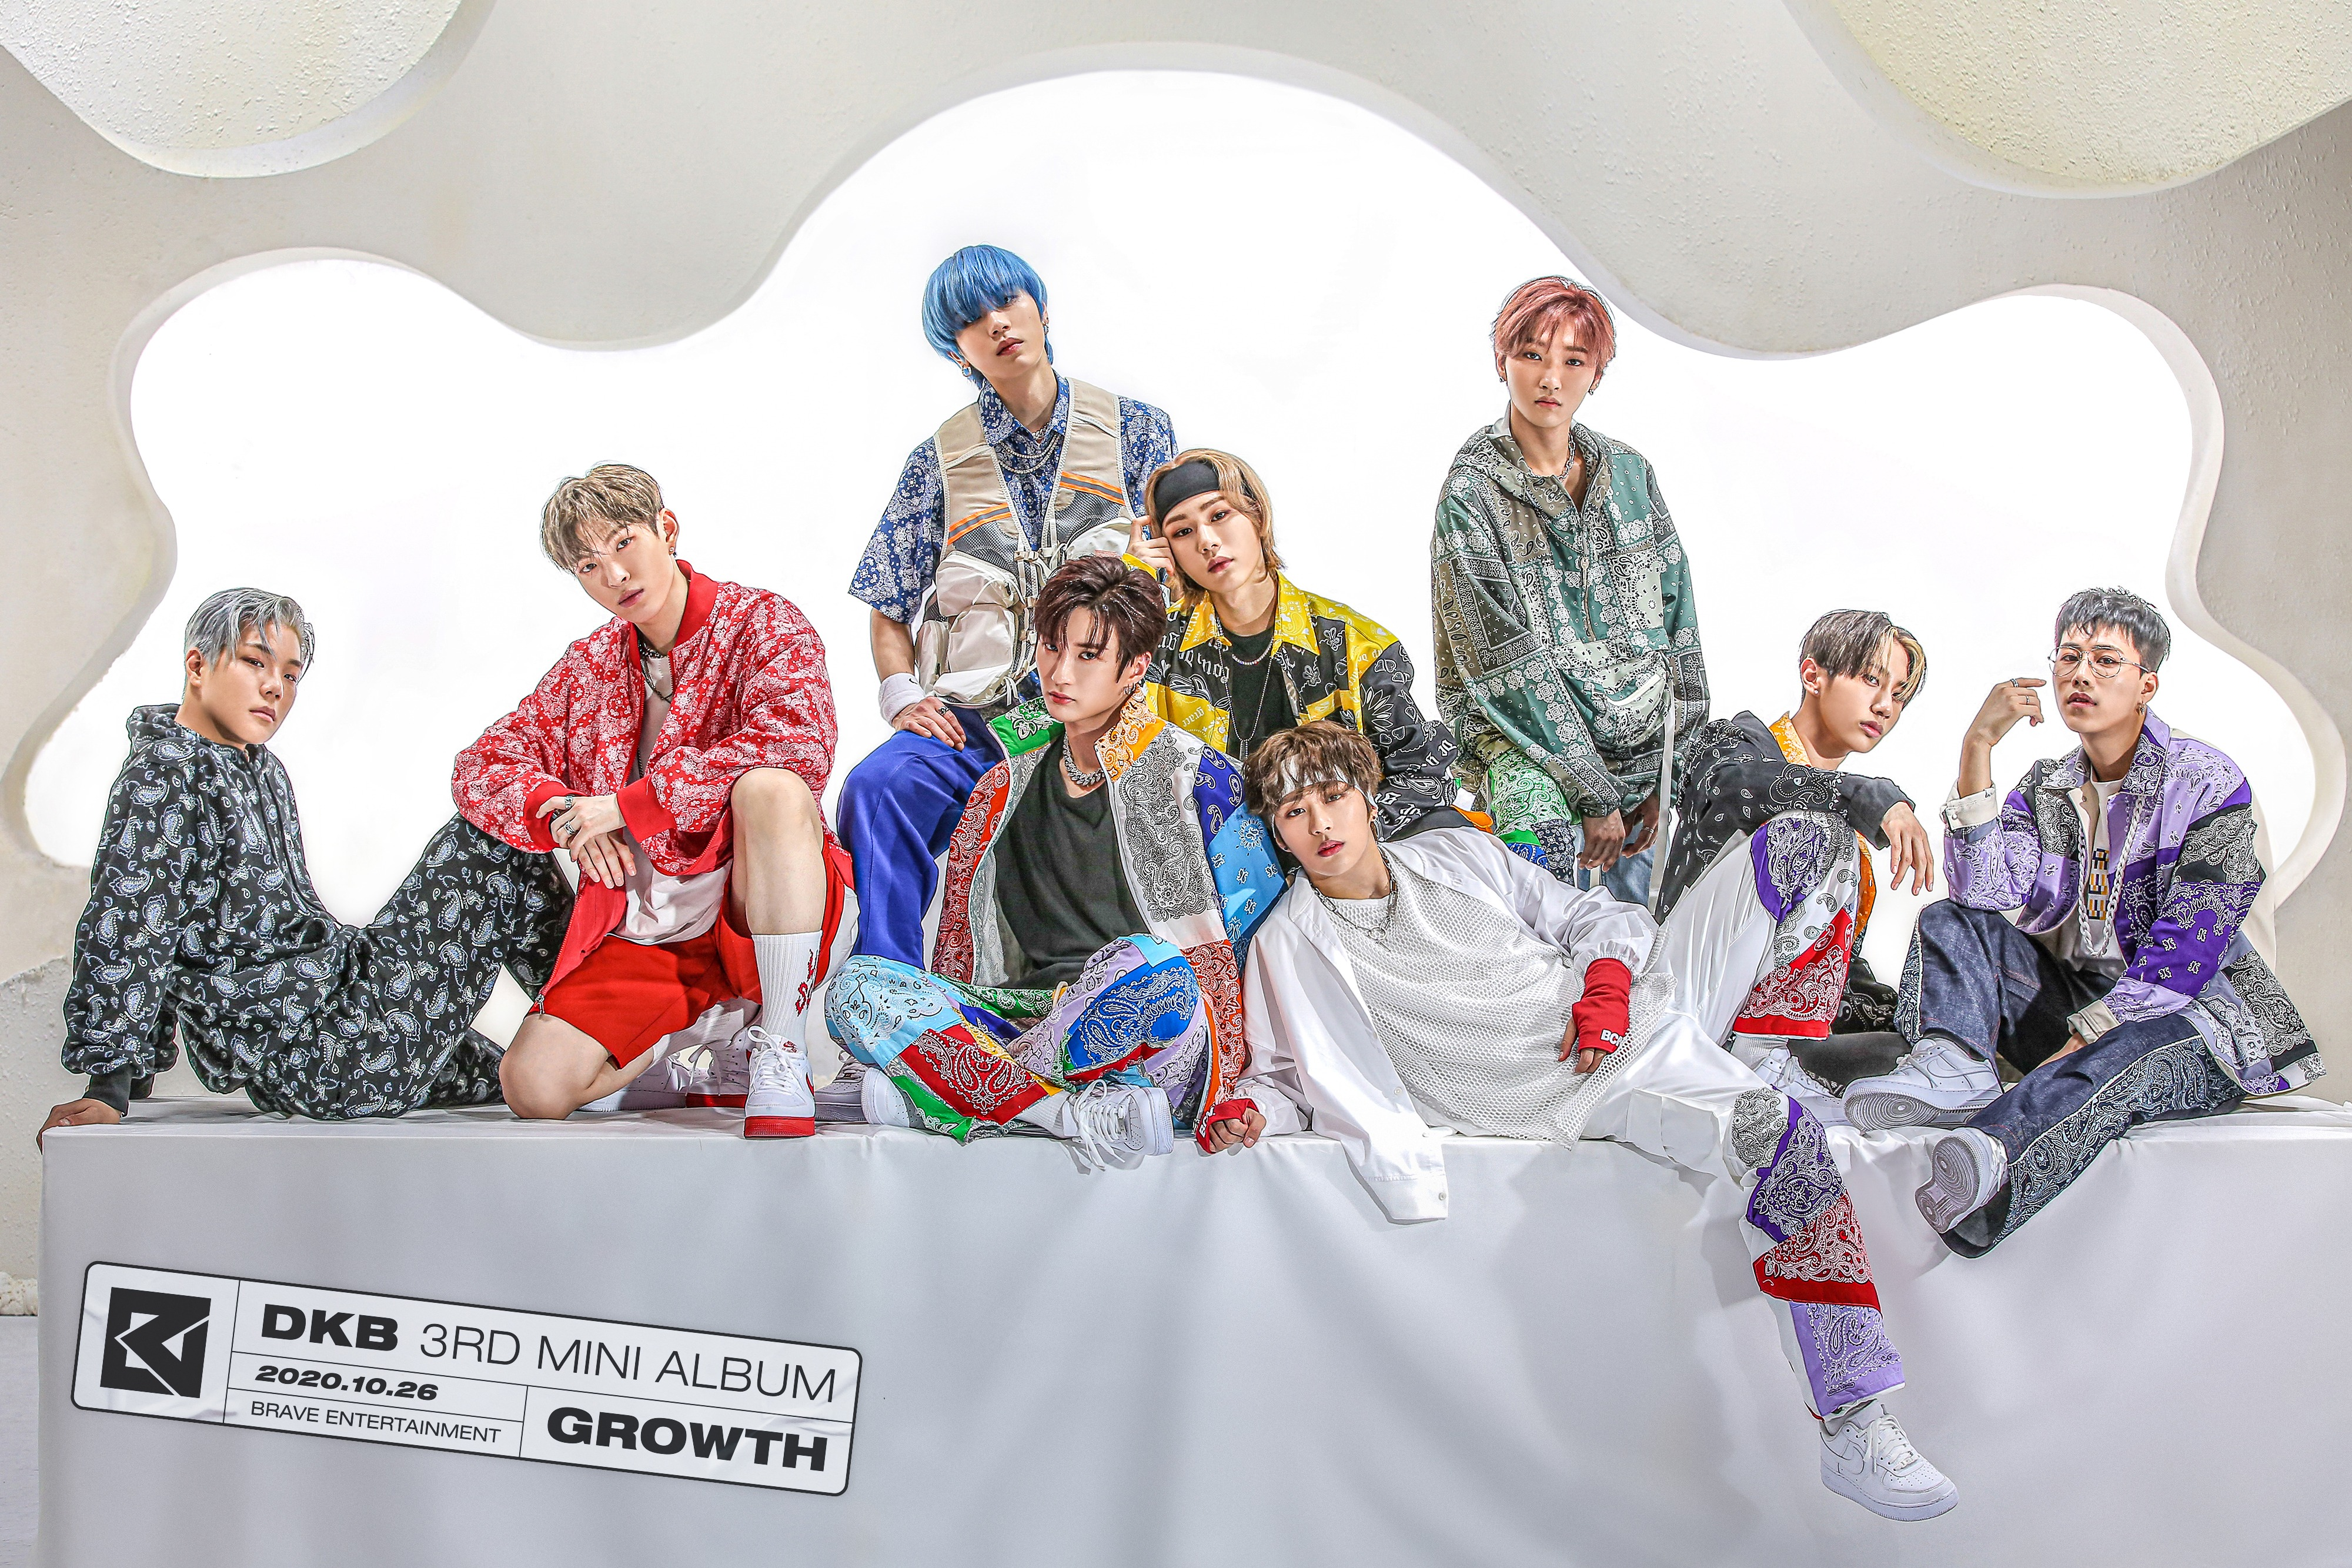 DKB Growth Teaser Group